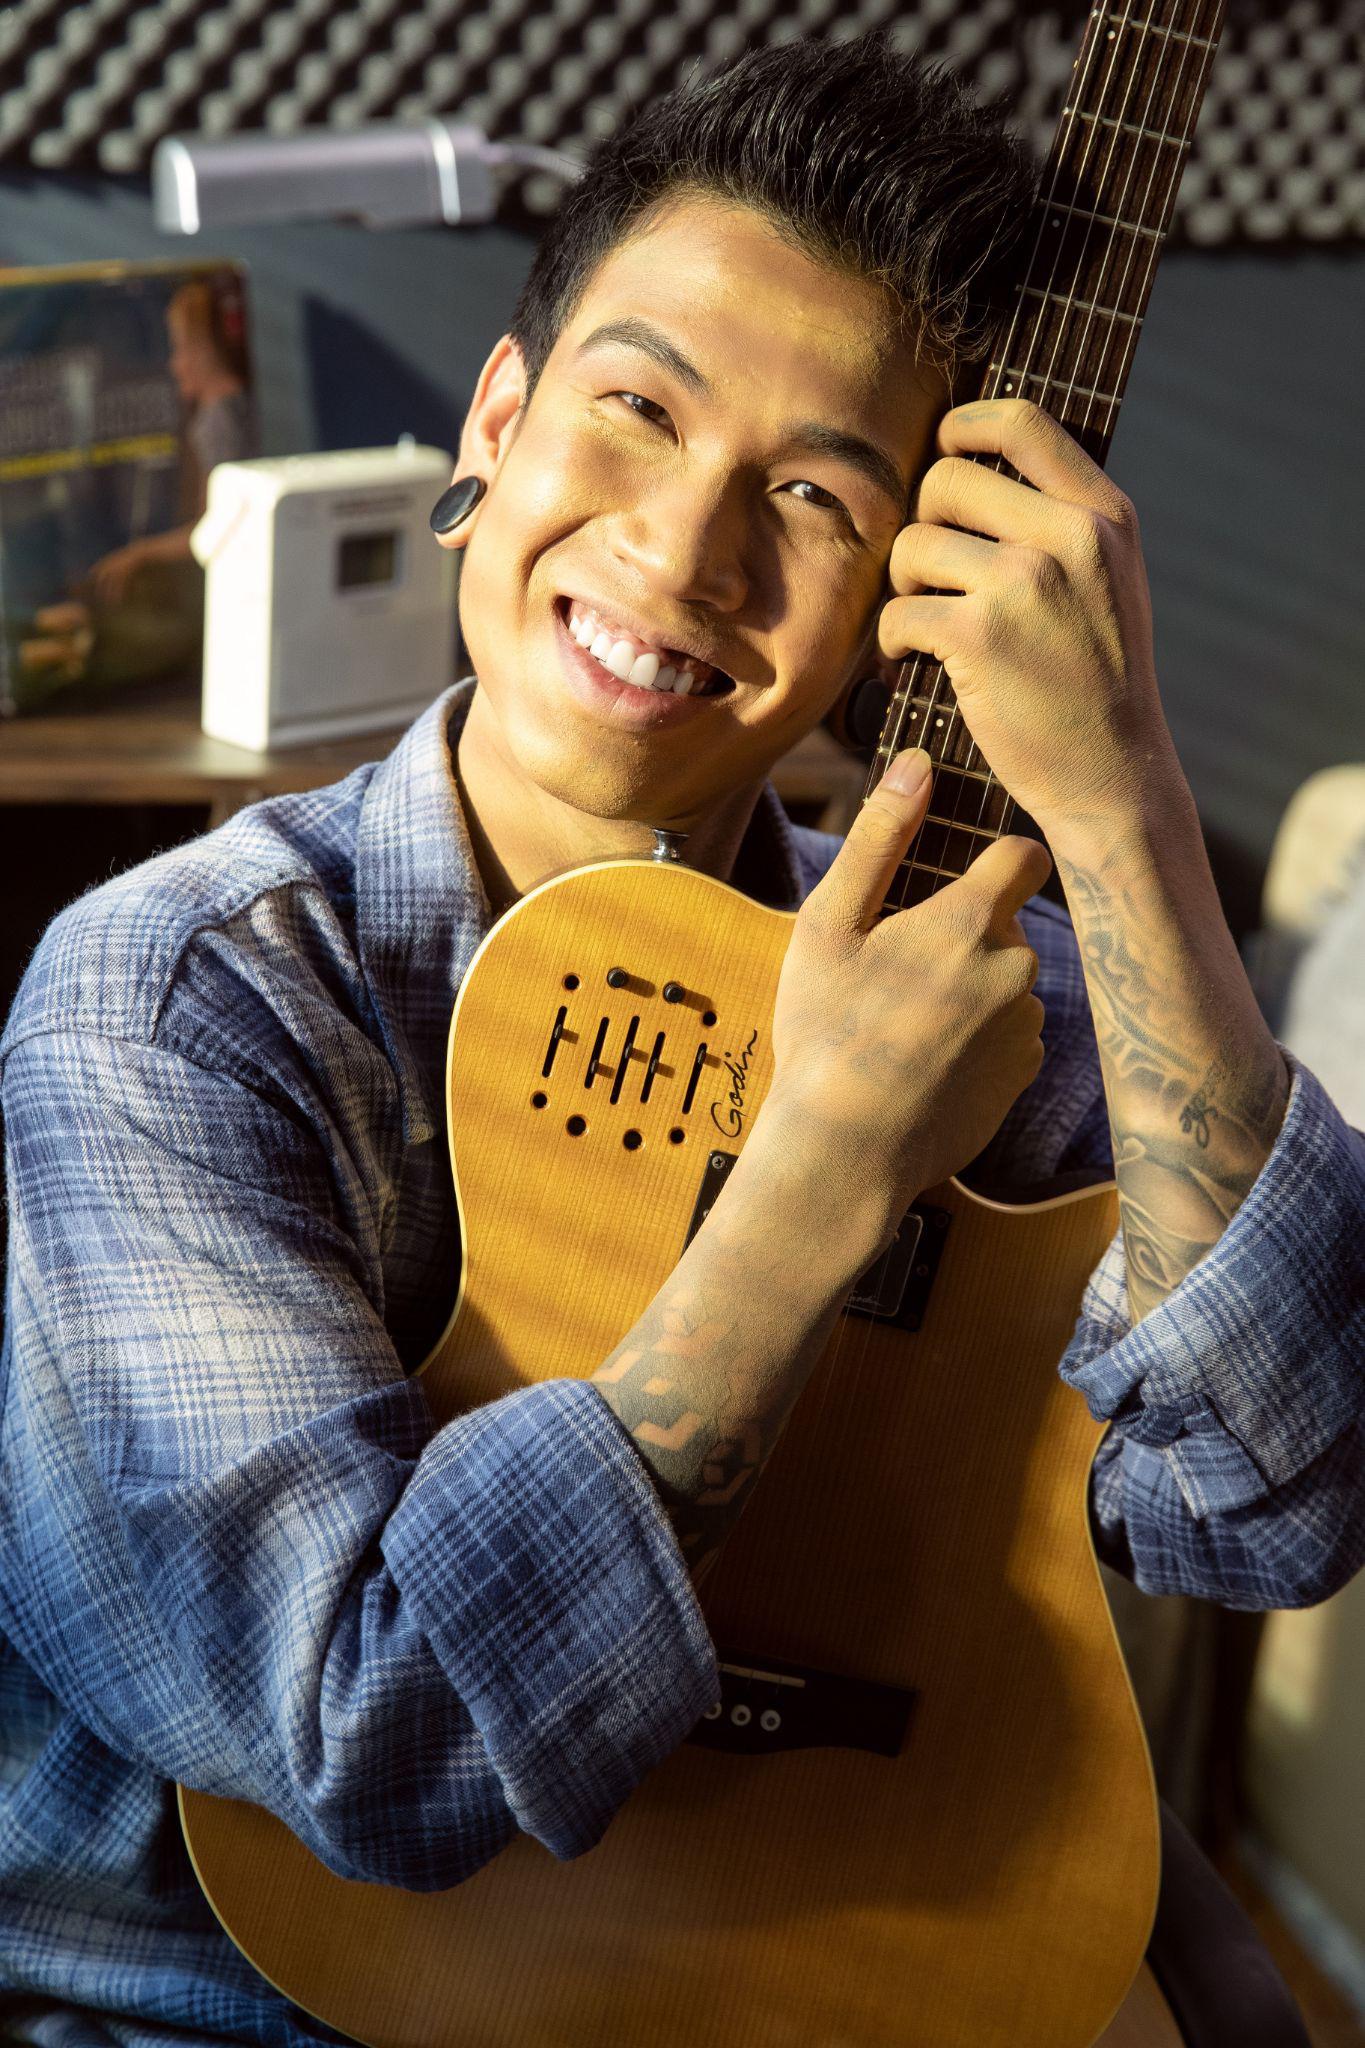 Suni Hạ Linh ra mắt sản phẩm kết hợp producer của BTS, Hoàng Dũng - Dế Choắt góp sức lan tỏa giá trị của lời cảm ơn - Ảnh 4.